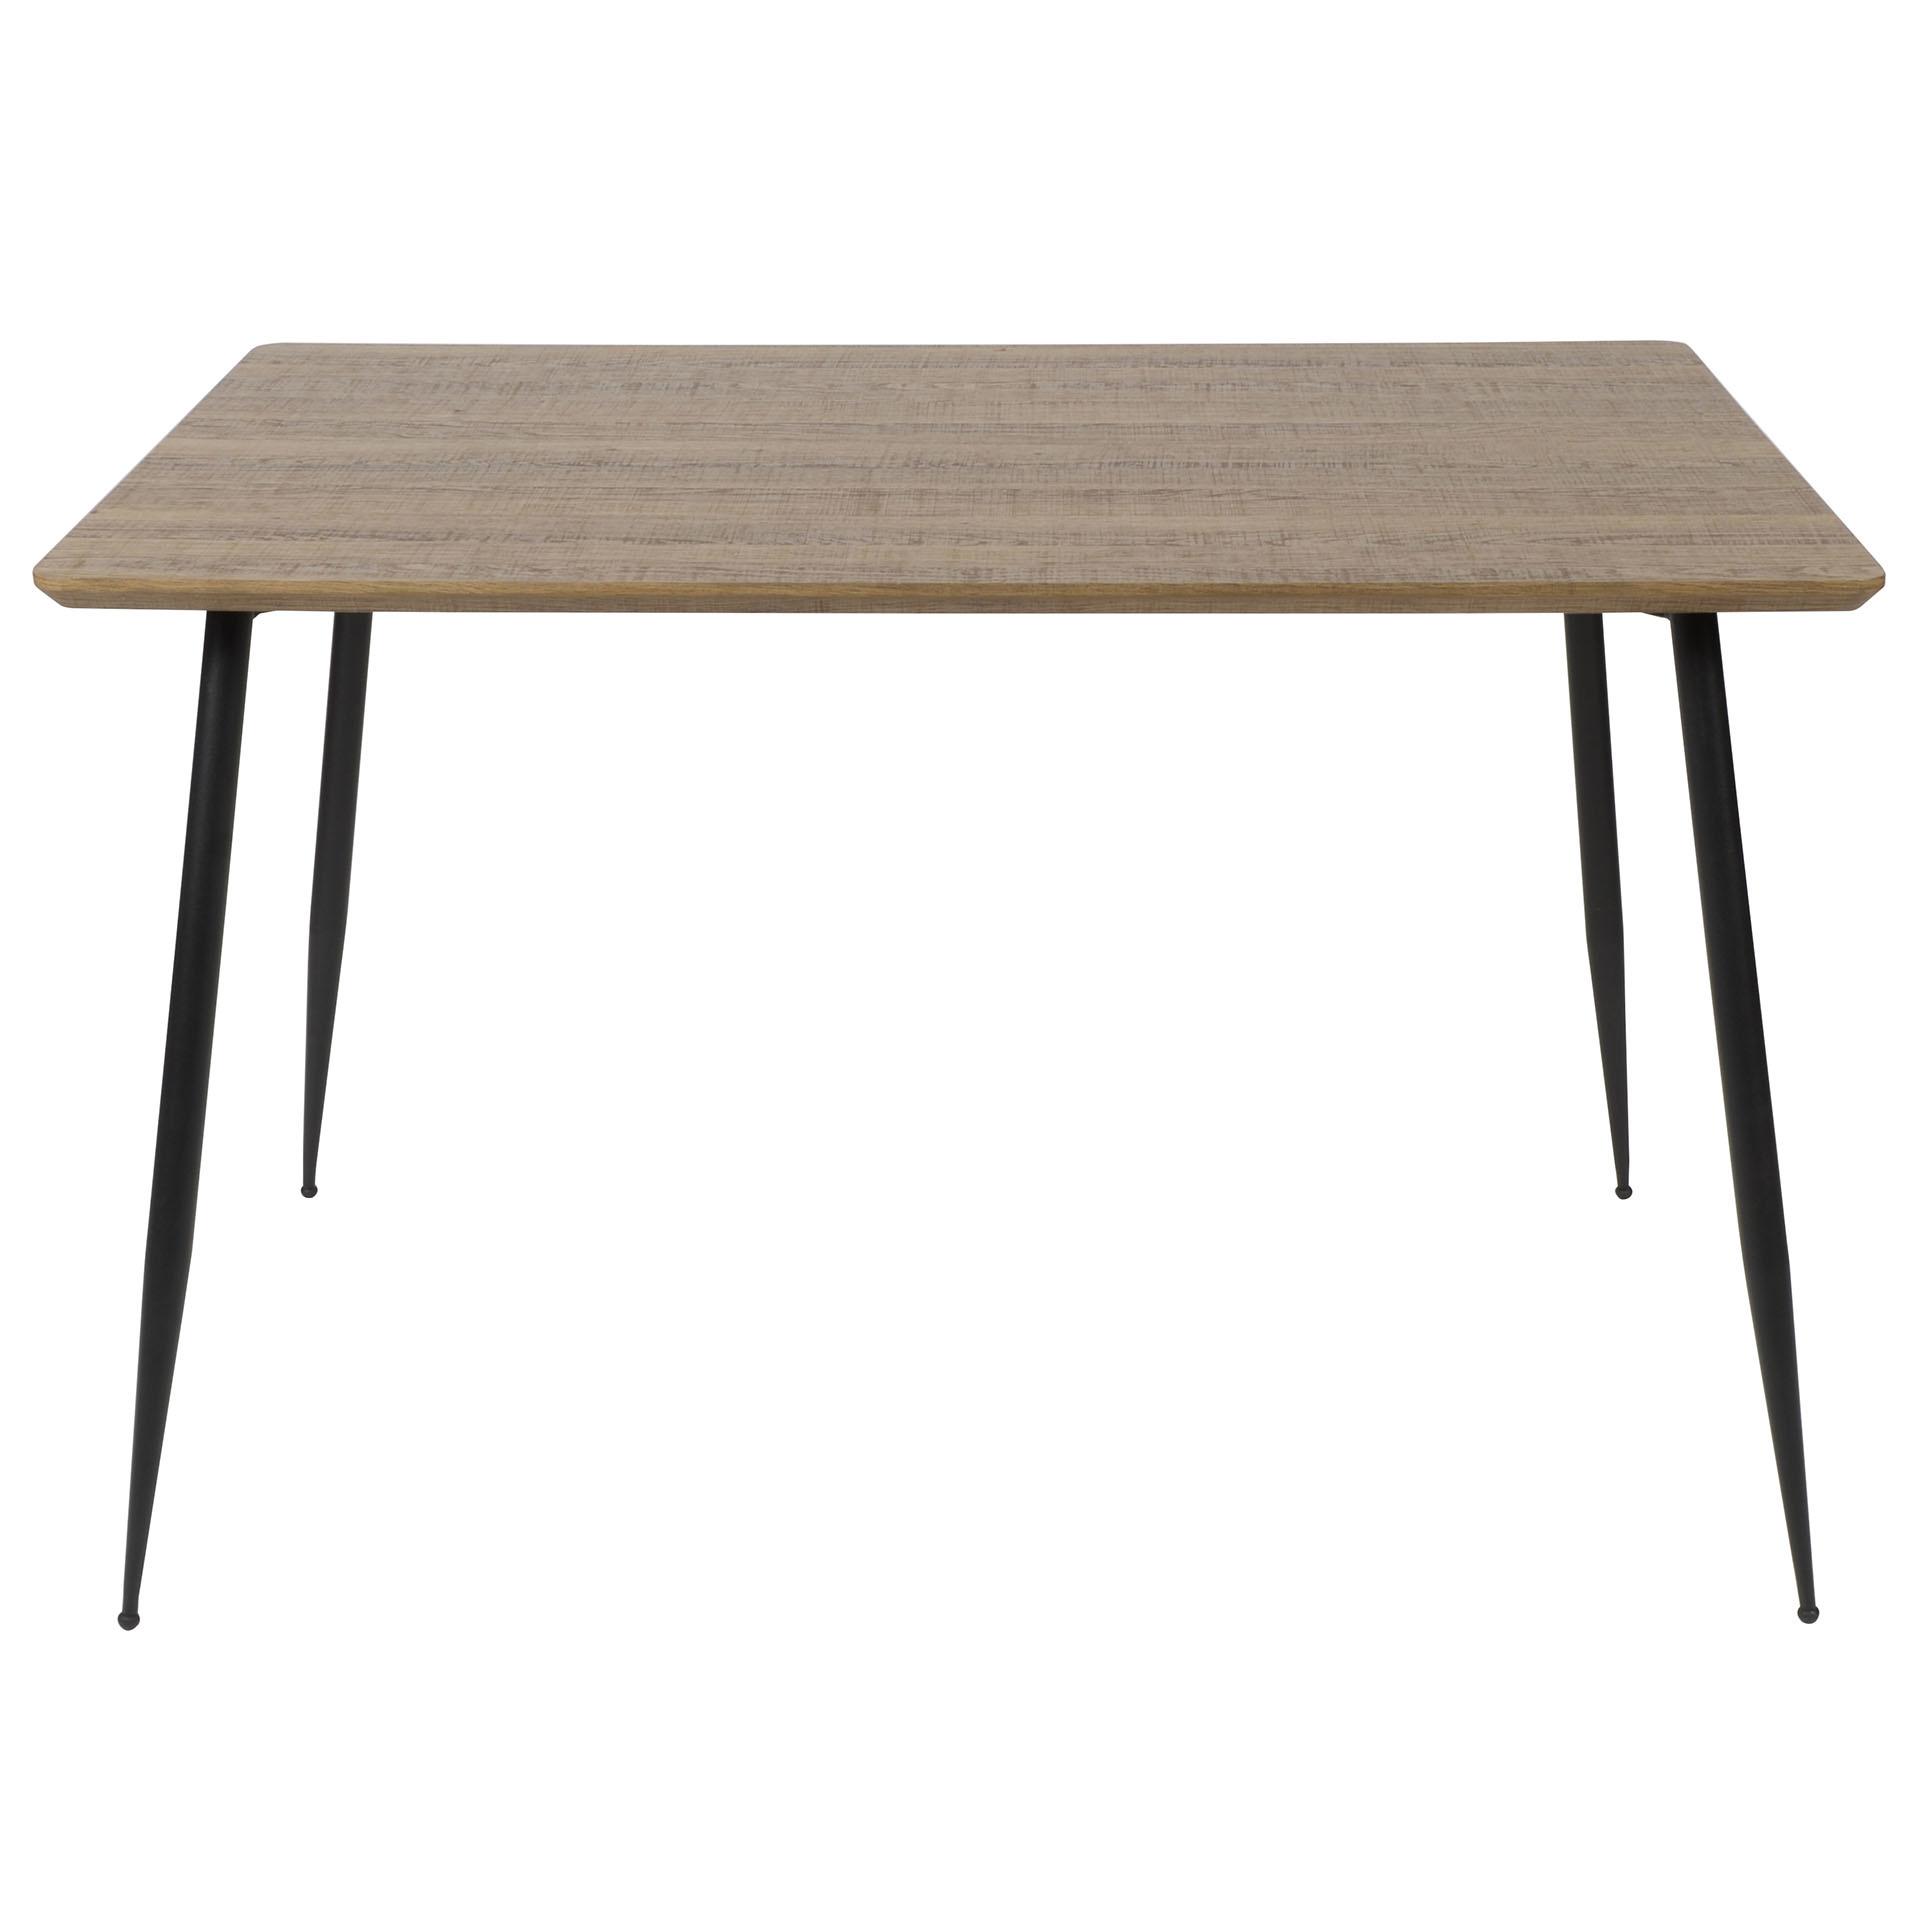 Duverger Straight - Eettafel - L120cm - MDF blad - 3D eiken bruin - tapse ronde poten